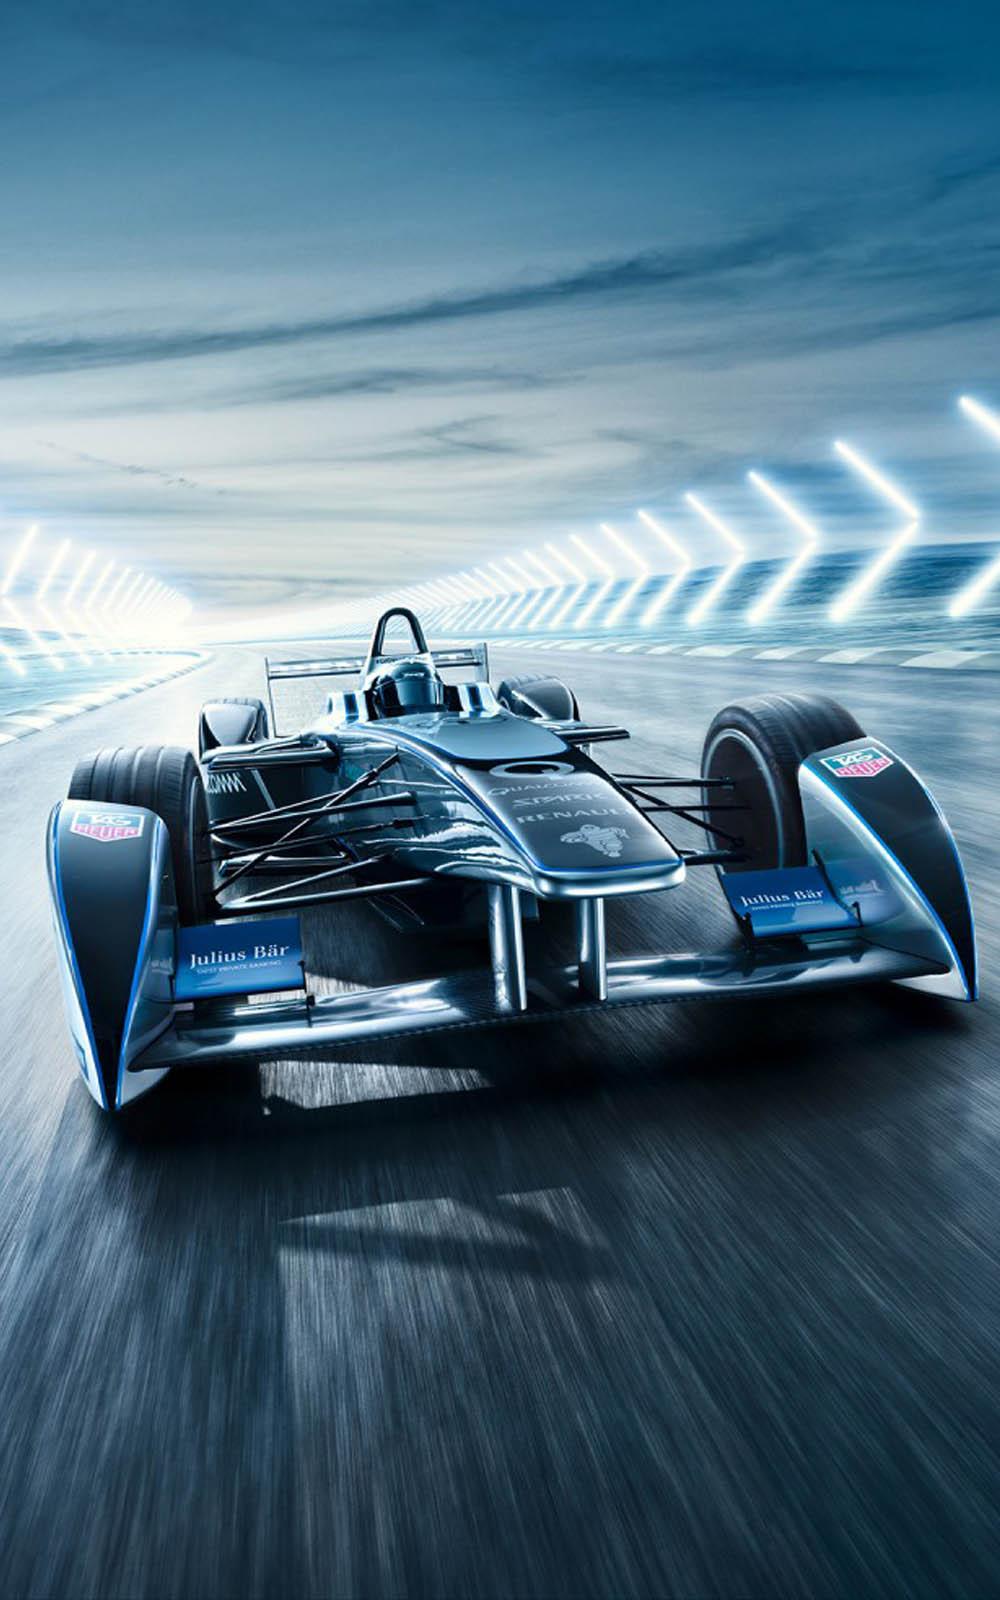 Renault Formula E Racing Car 4k Ultra Hd Mobile Wallpaper